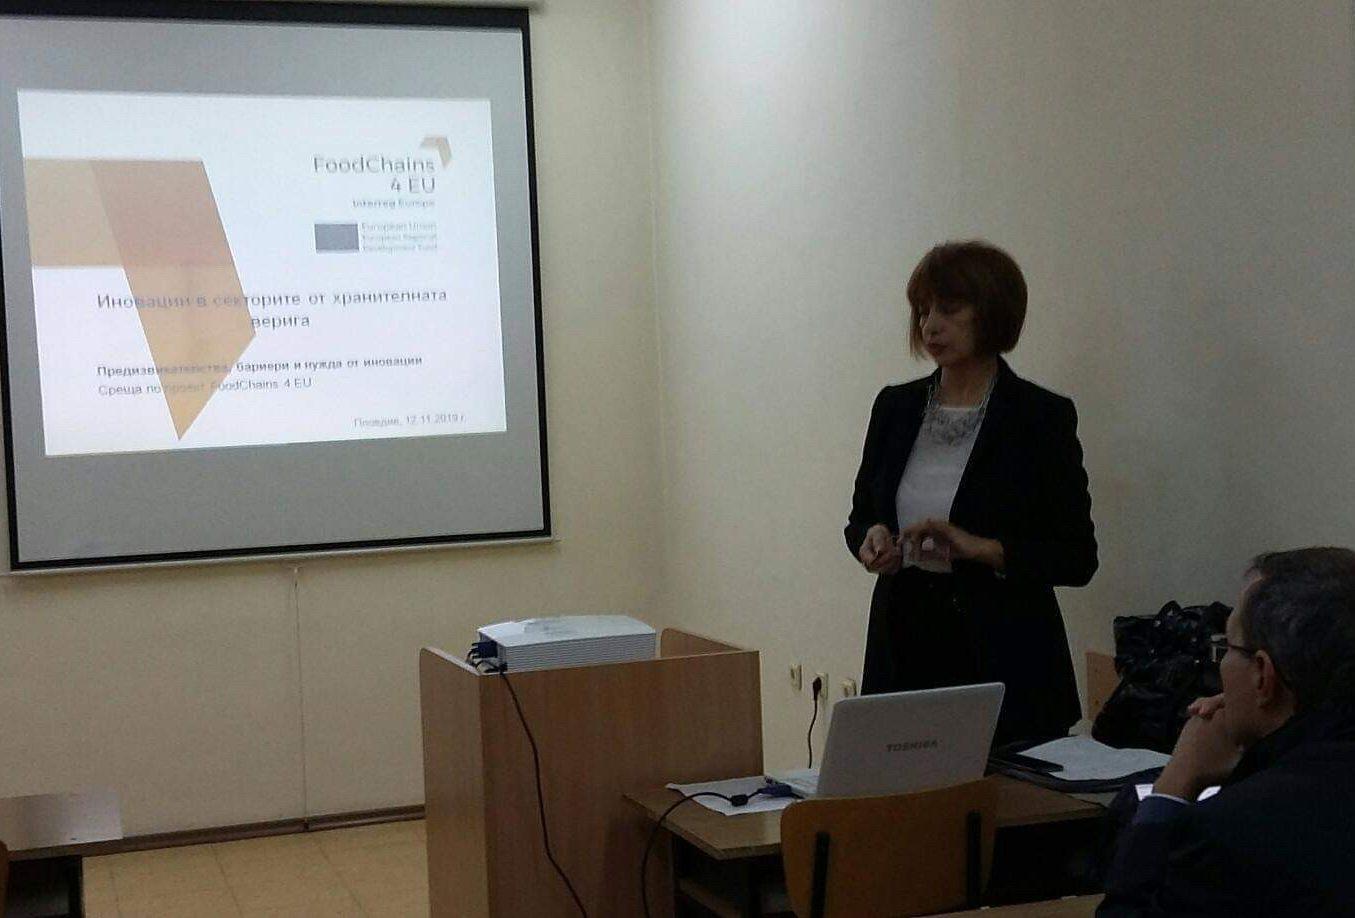 Членове на Next gen взеха участие в семинар, посветен на  иновации в хранителните технологии